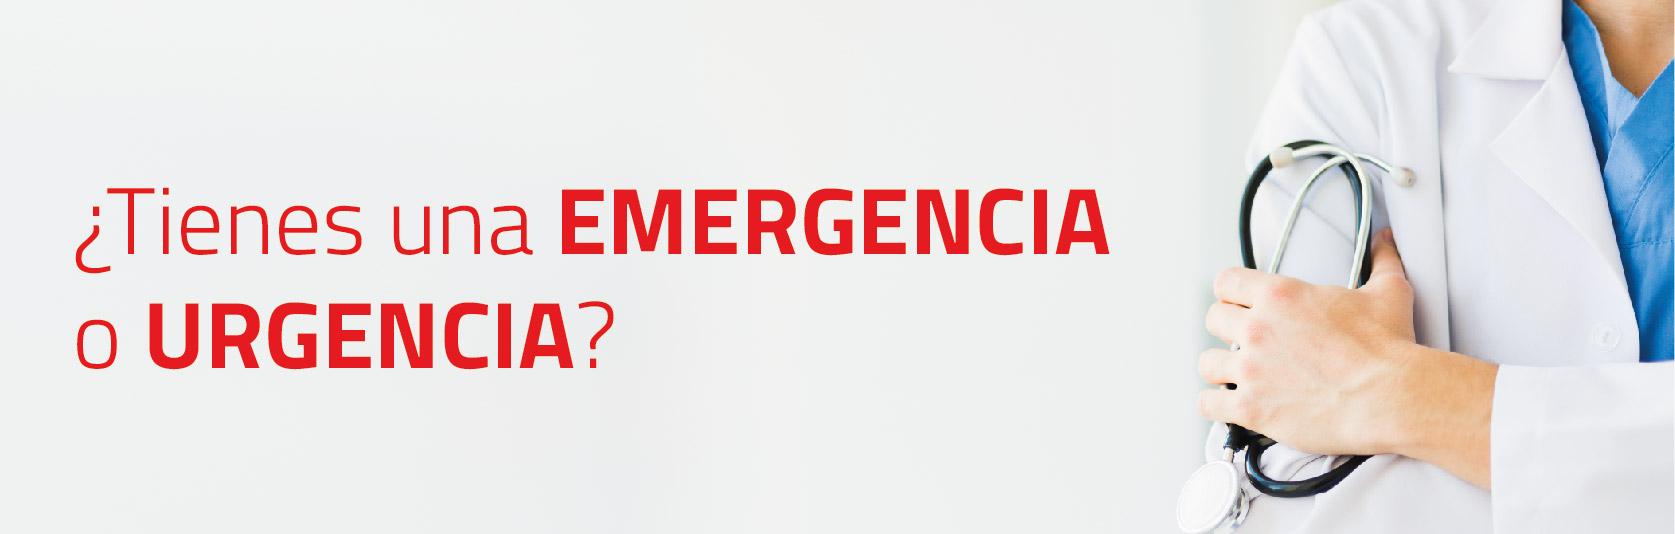 ¿Tienes una EMERGENCIA o URGENCIA? – San Pablo Trujillo